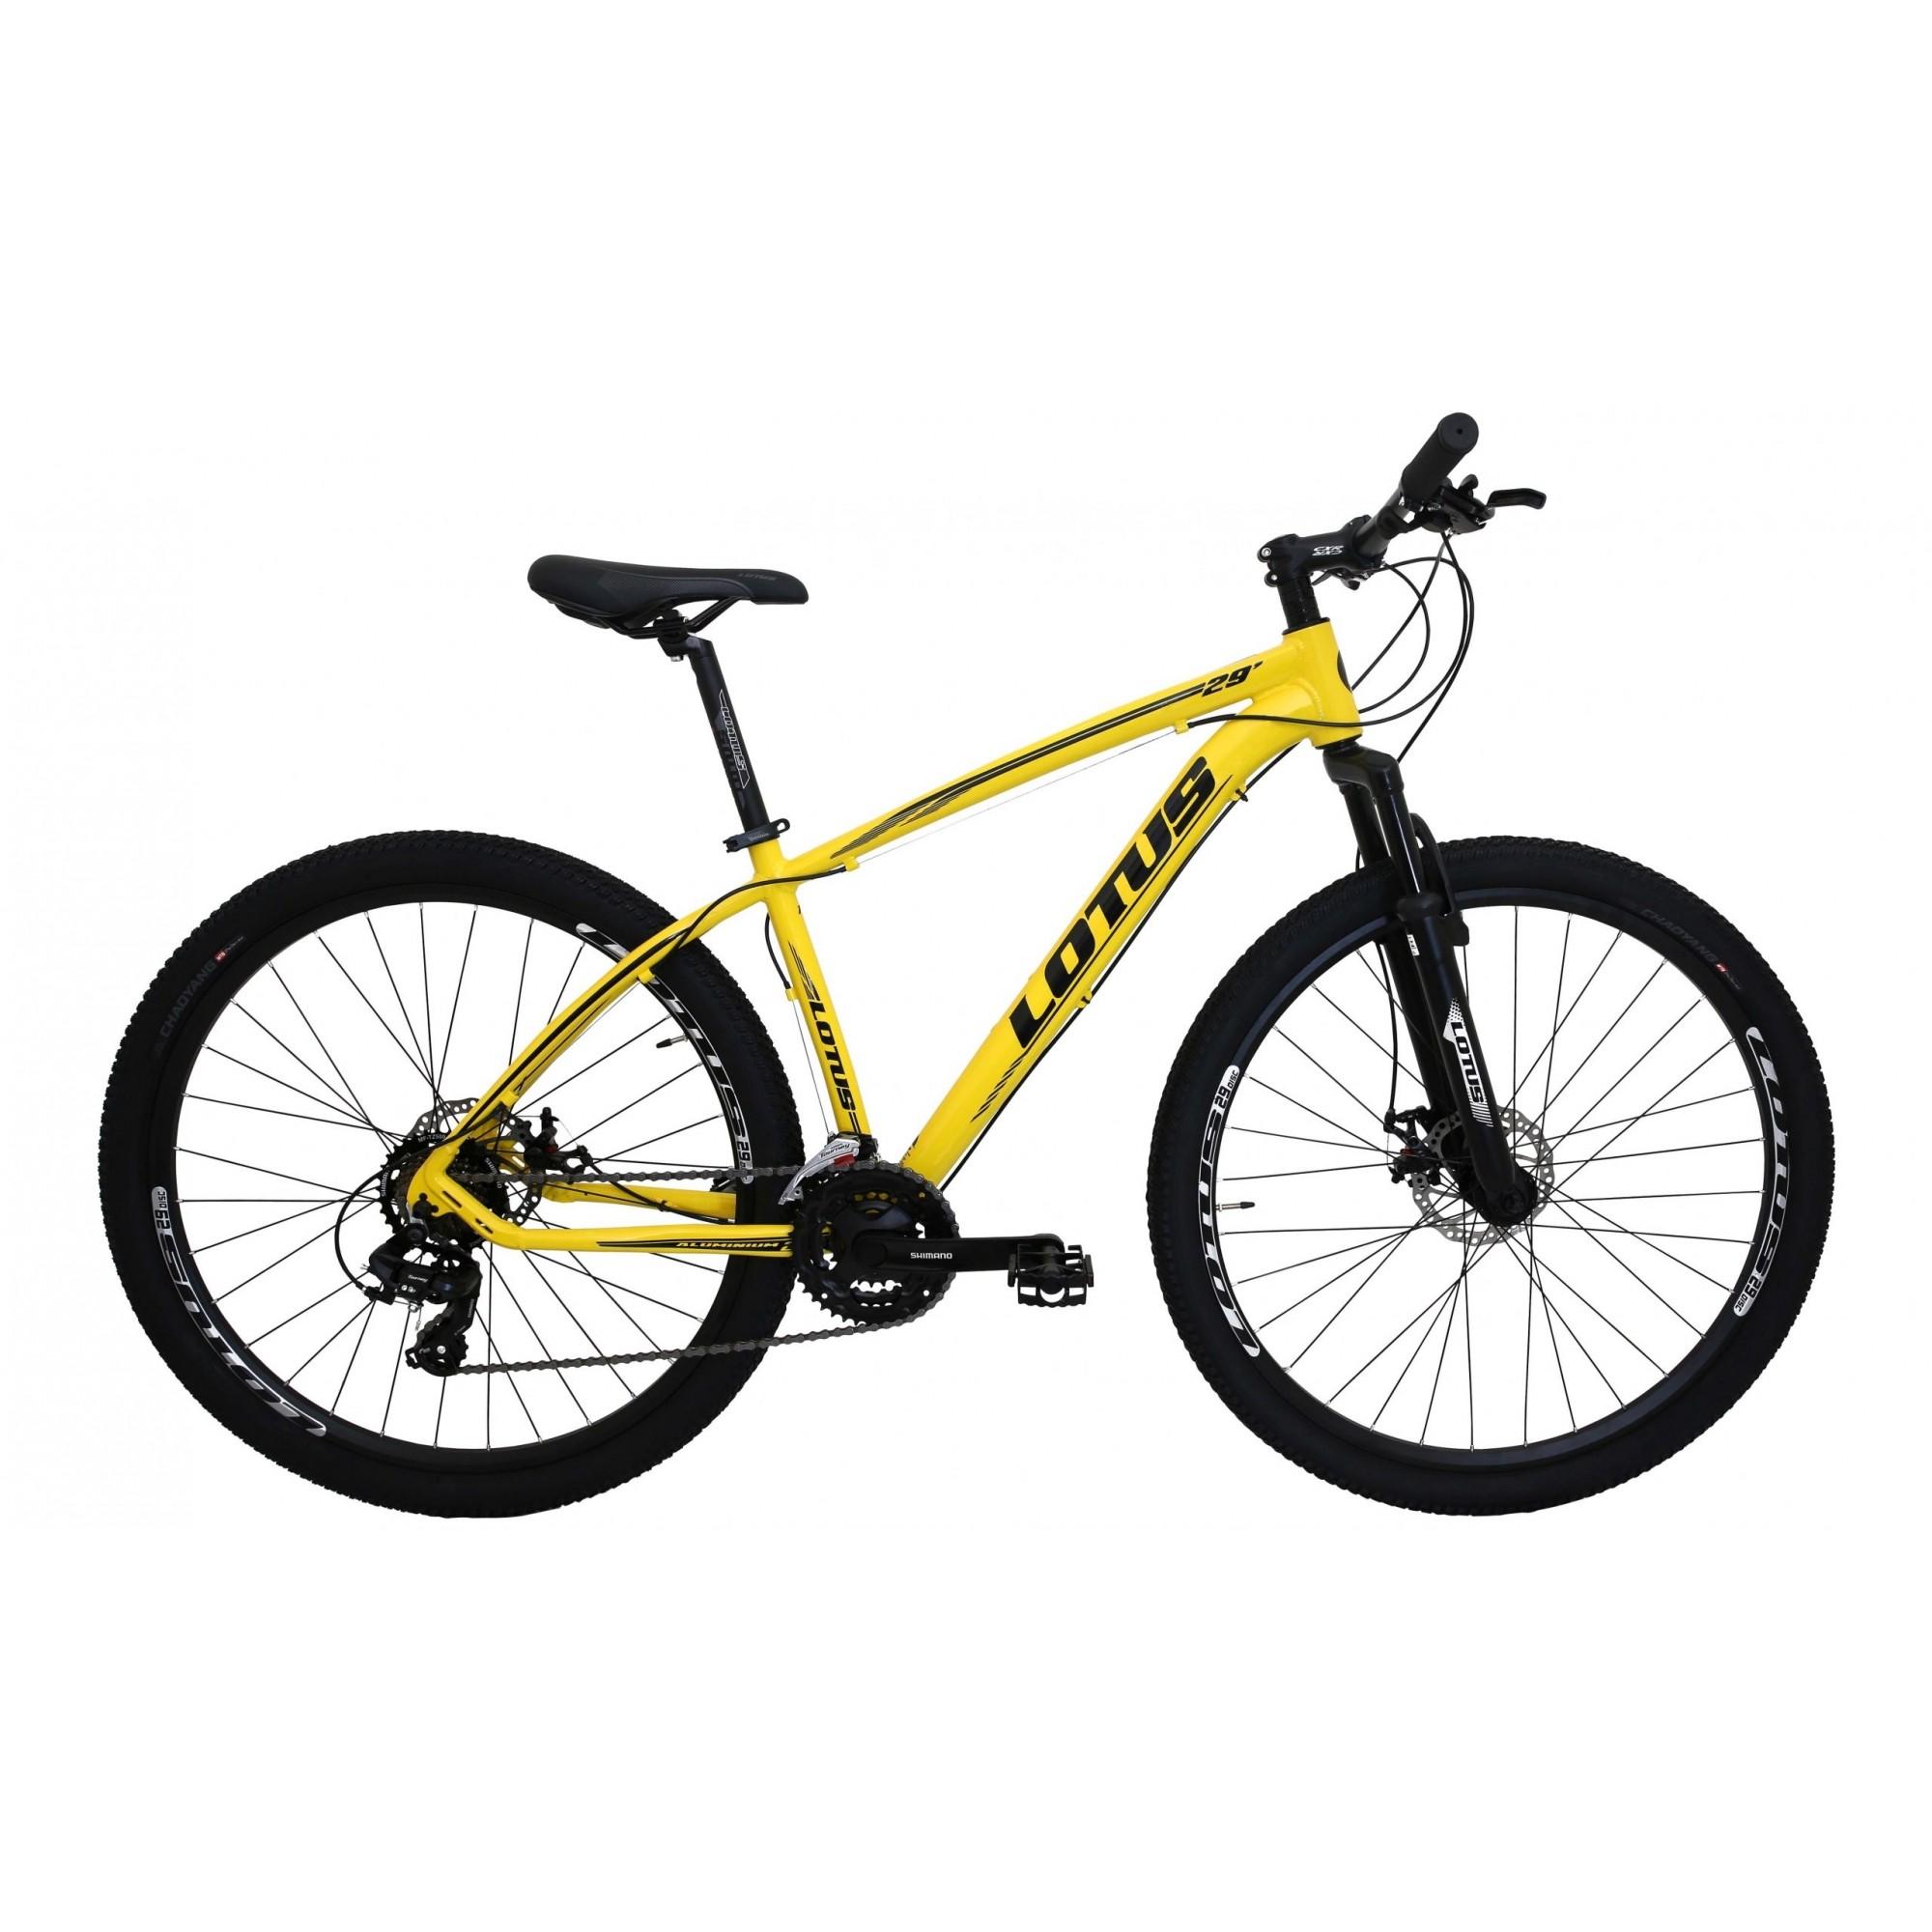 Bicicleta aro 29 Lotus – ALUMINIUM